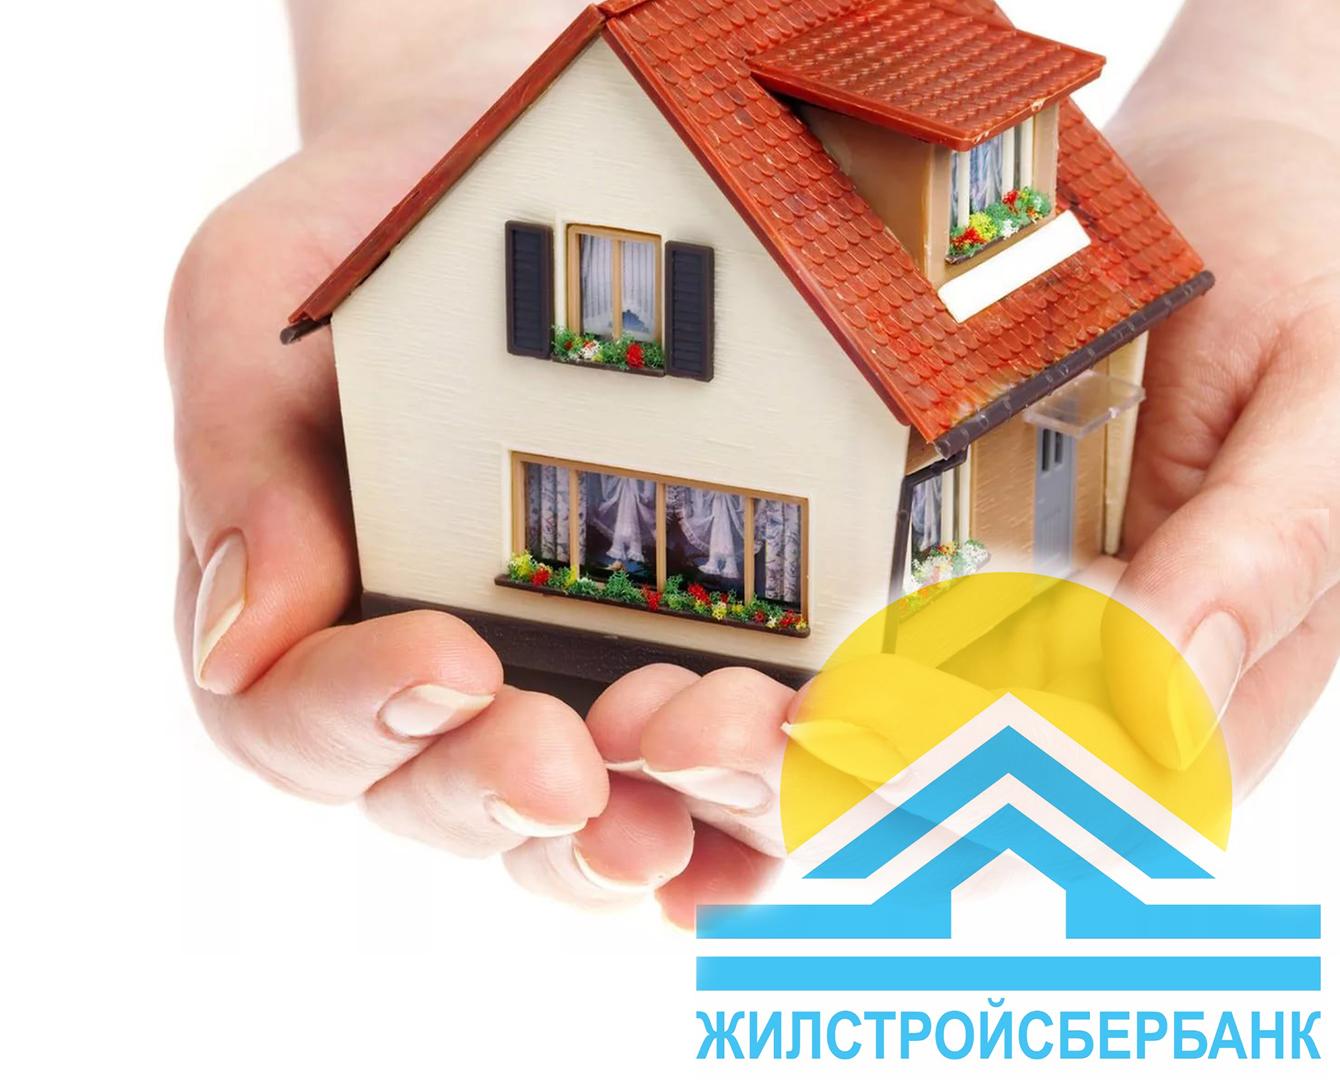 Жилстройсбербанк начал прием заявок по программе «Свой дом»